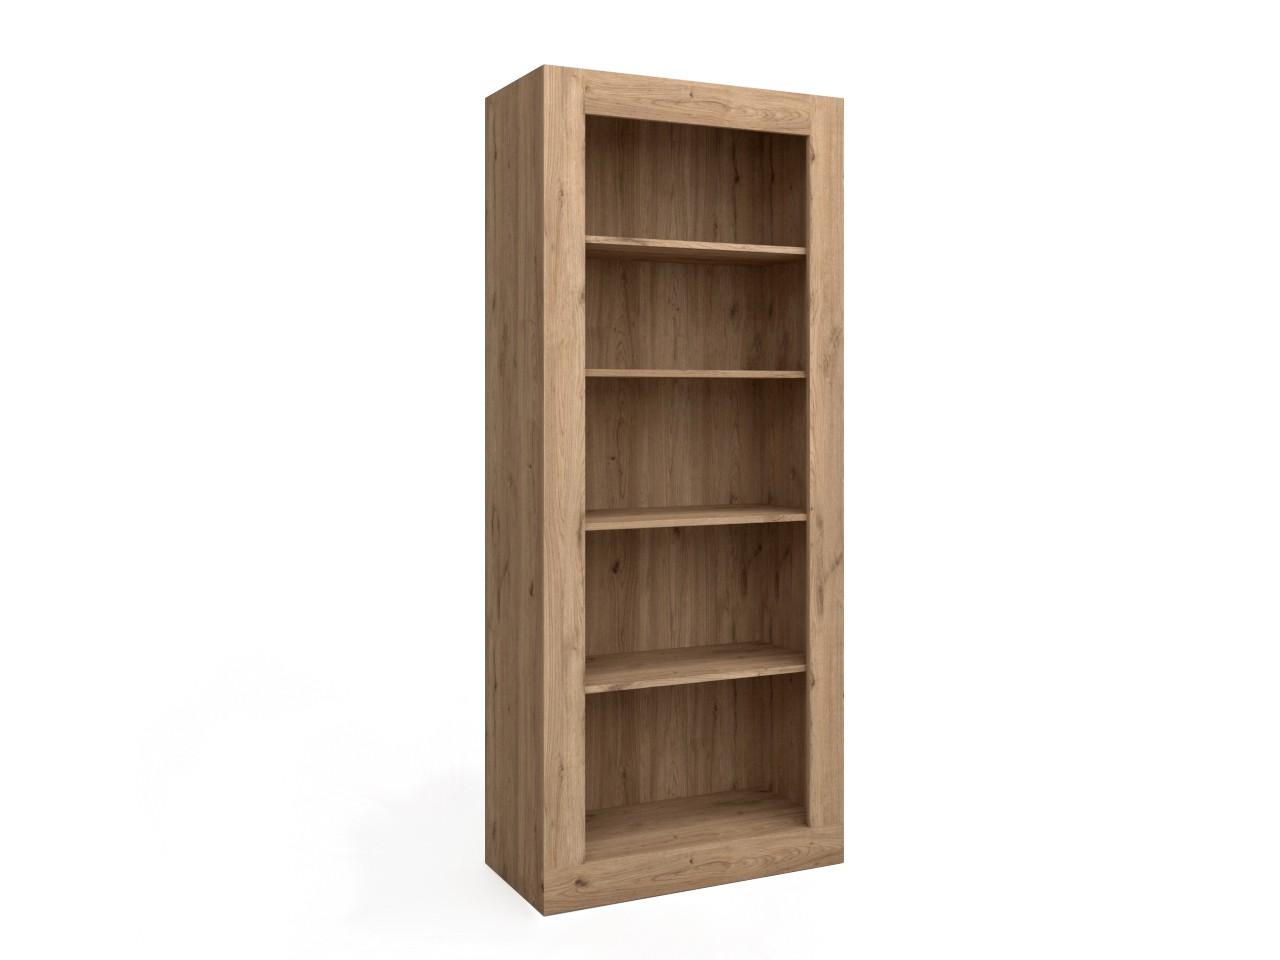 Muebles Tv Originales Muebles Tv Integrados Con Biblioteca Ideas  # Muebles Moycor Baratos